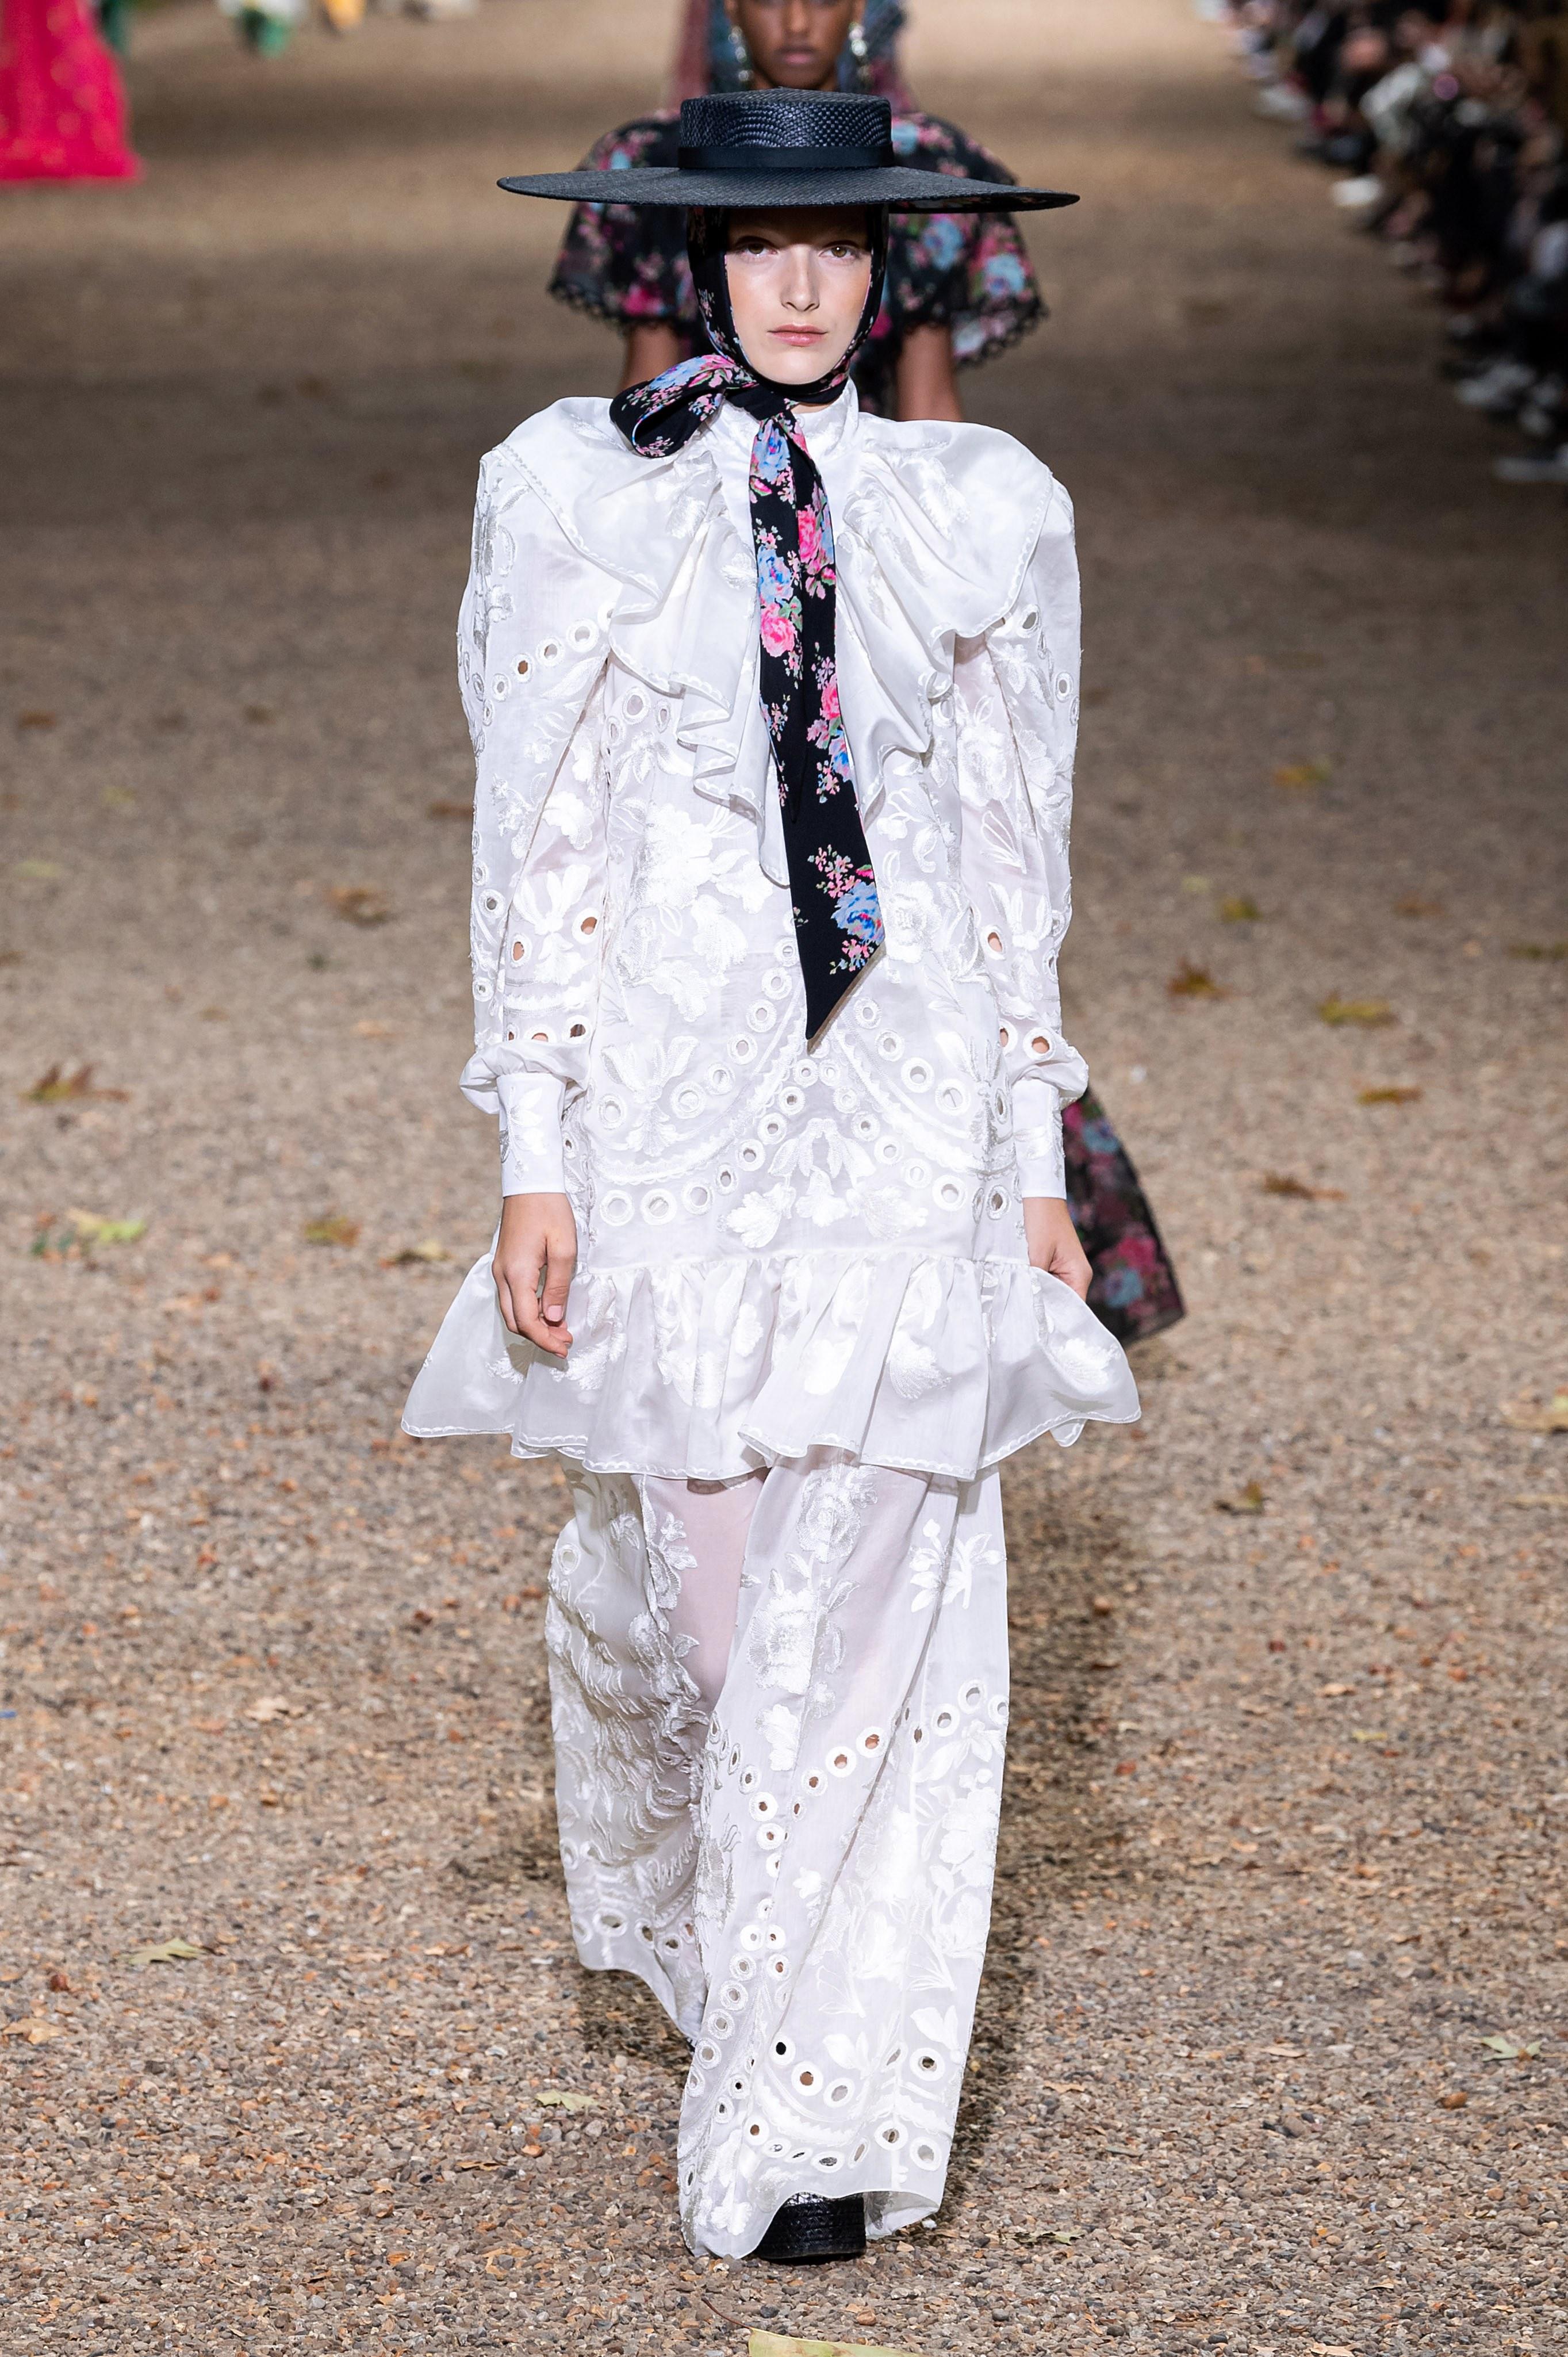 đầm thêu lỗ màu trắng bộ sưu tập erdem xuân hè 2020